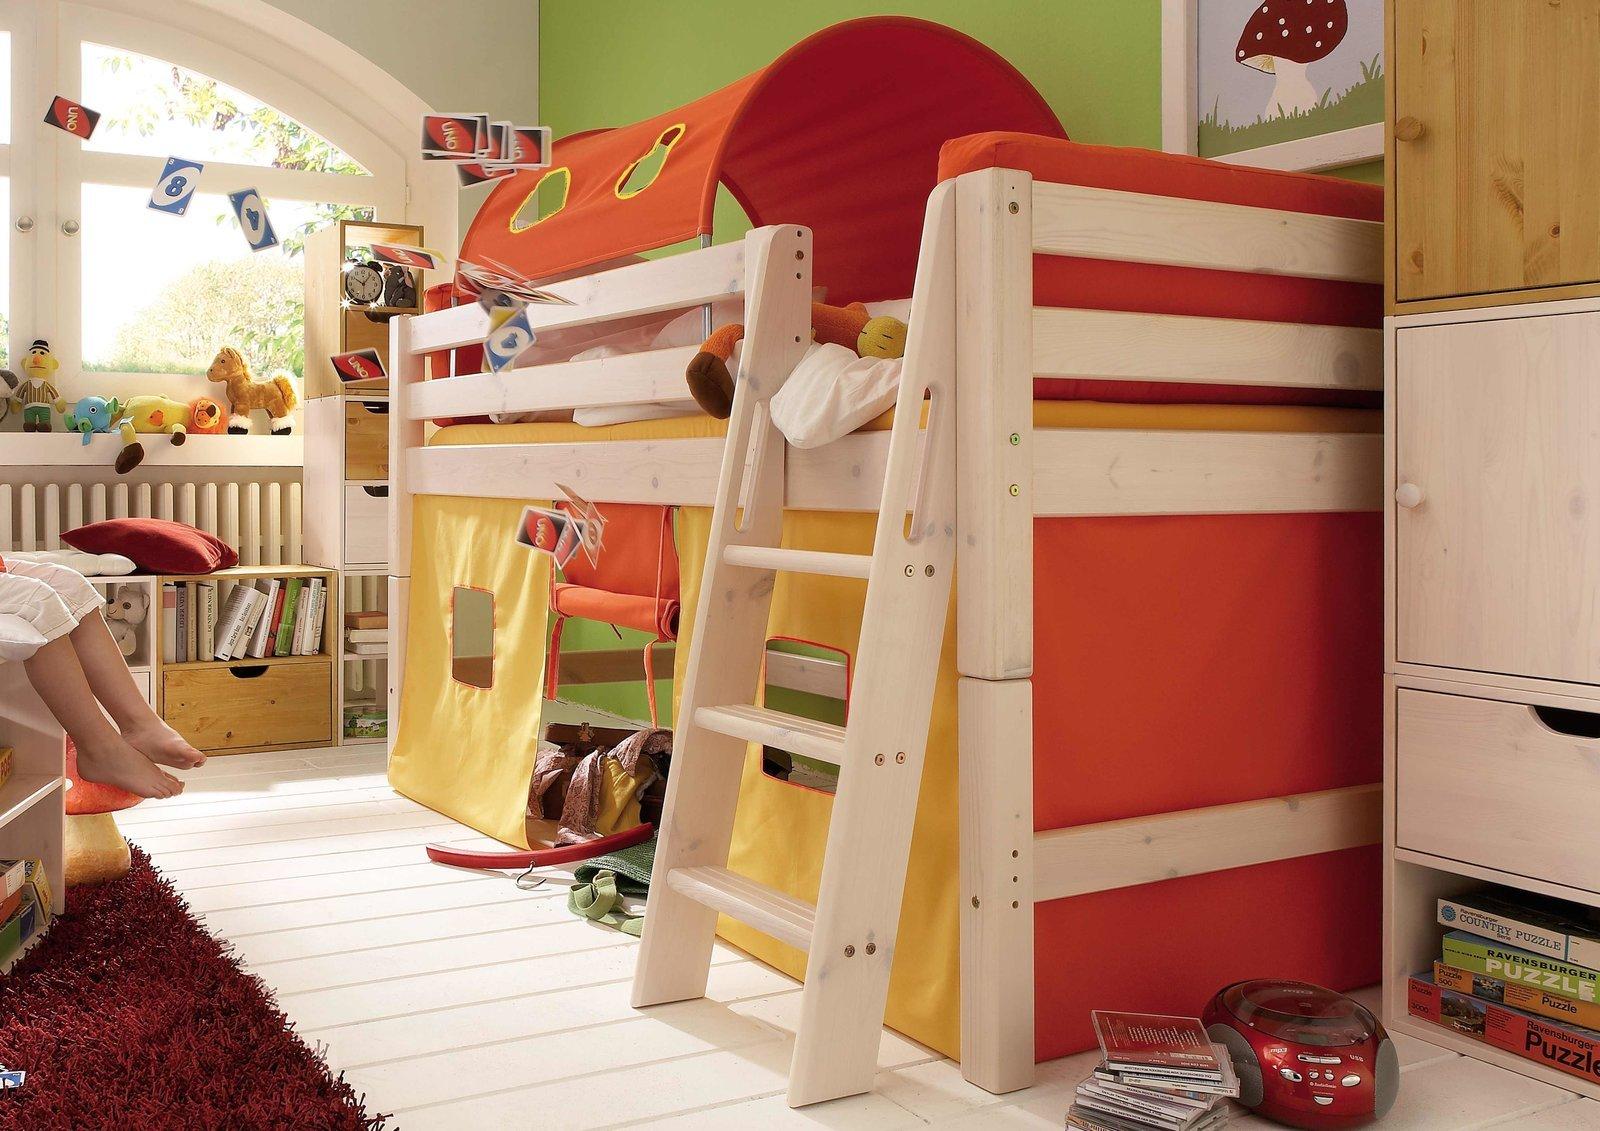 InfansKids Halbhohes Abenteuerbett mit Stoffset Orange, Bild 2